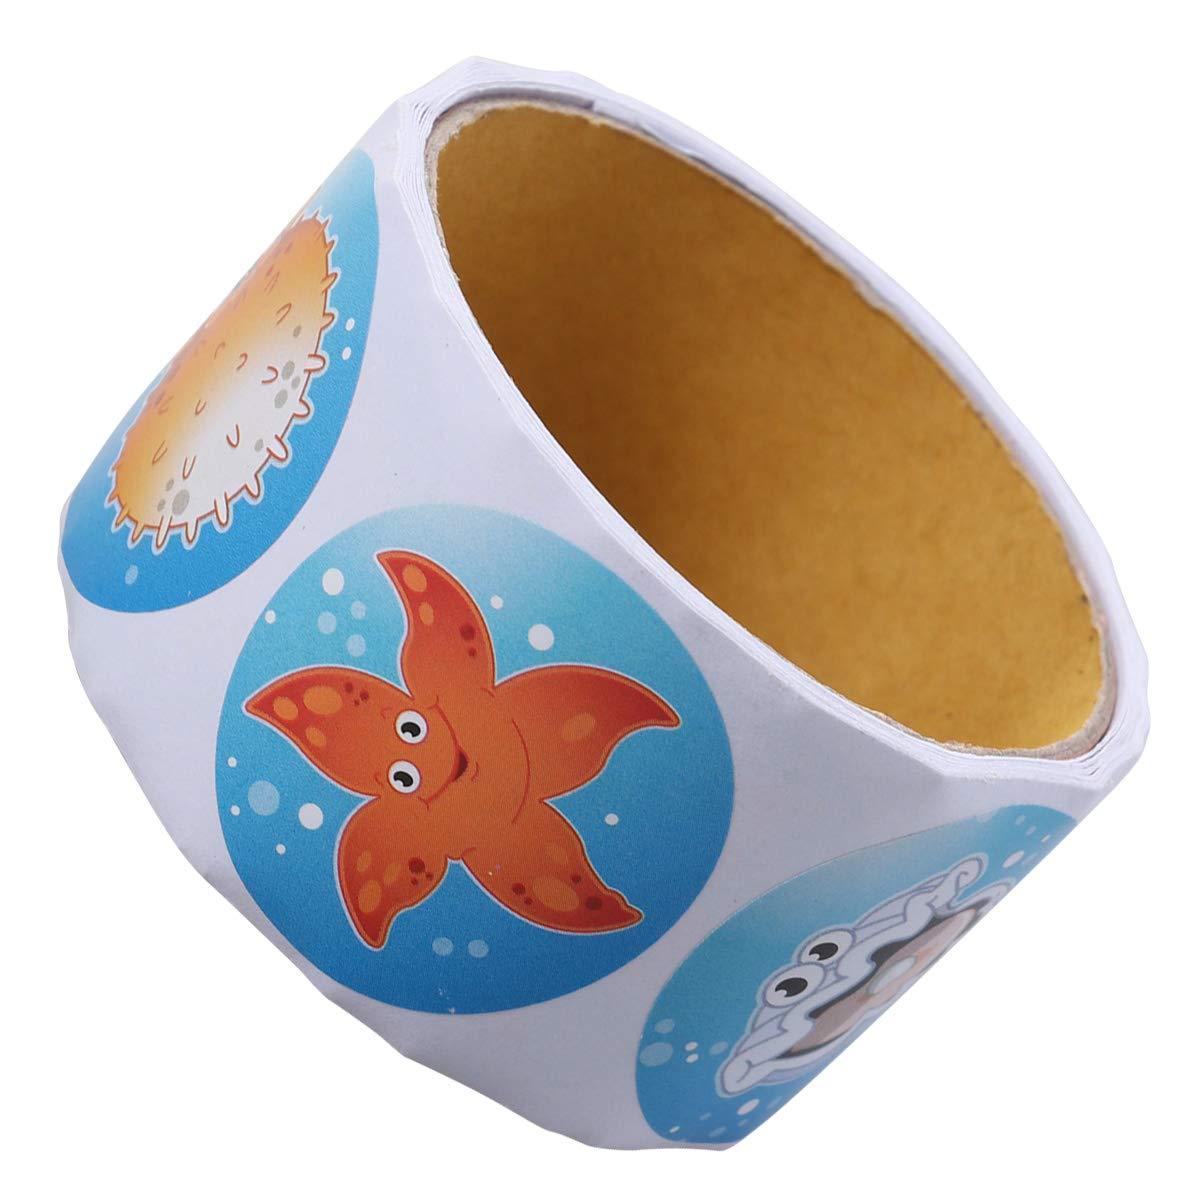 STOBOK 1 Rotolo Simpatico Adesivo Adesivo per Animali marini Etichetta Adesiva per Biglietti da Visita Decalcomanie per Feste di Compleanno